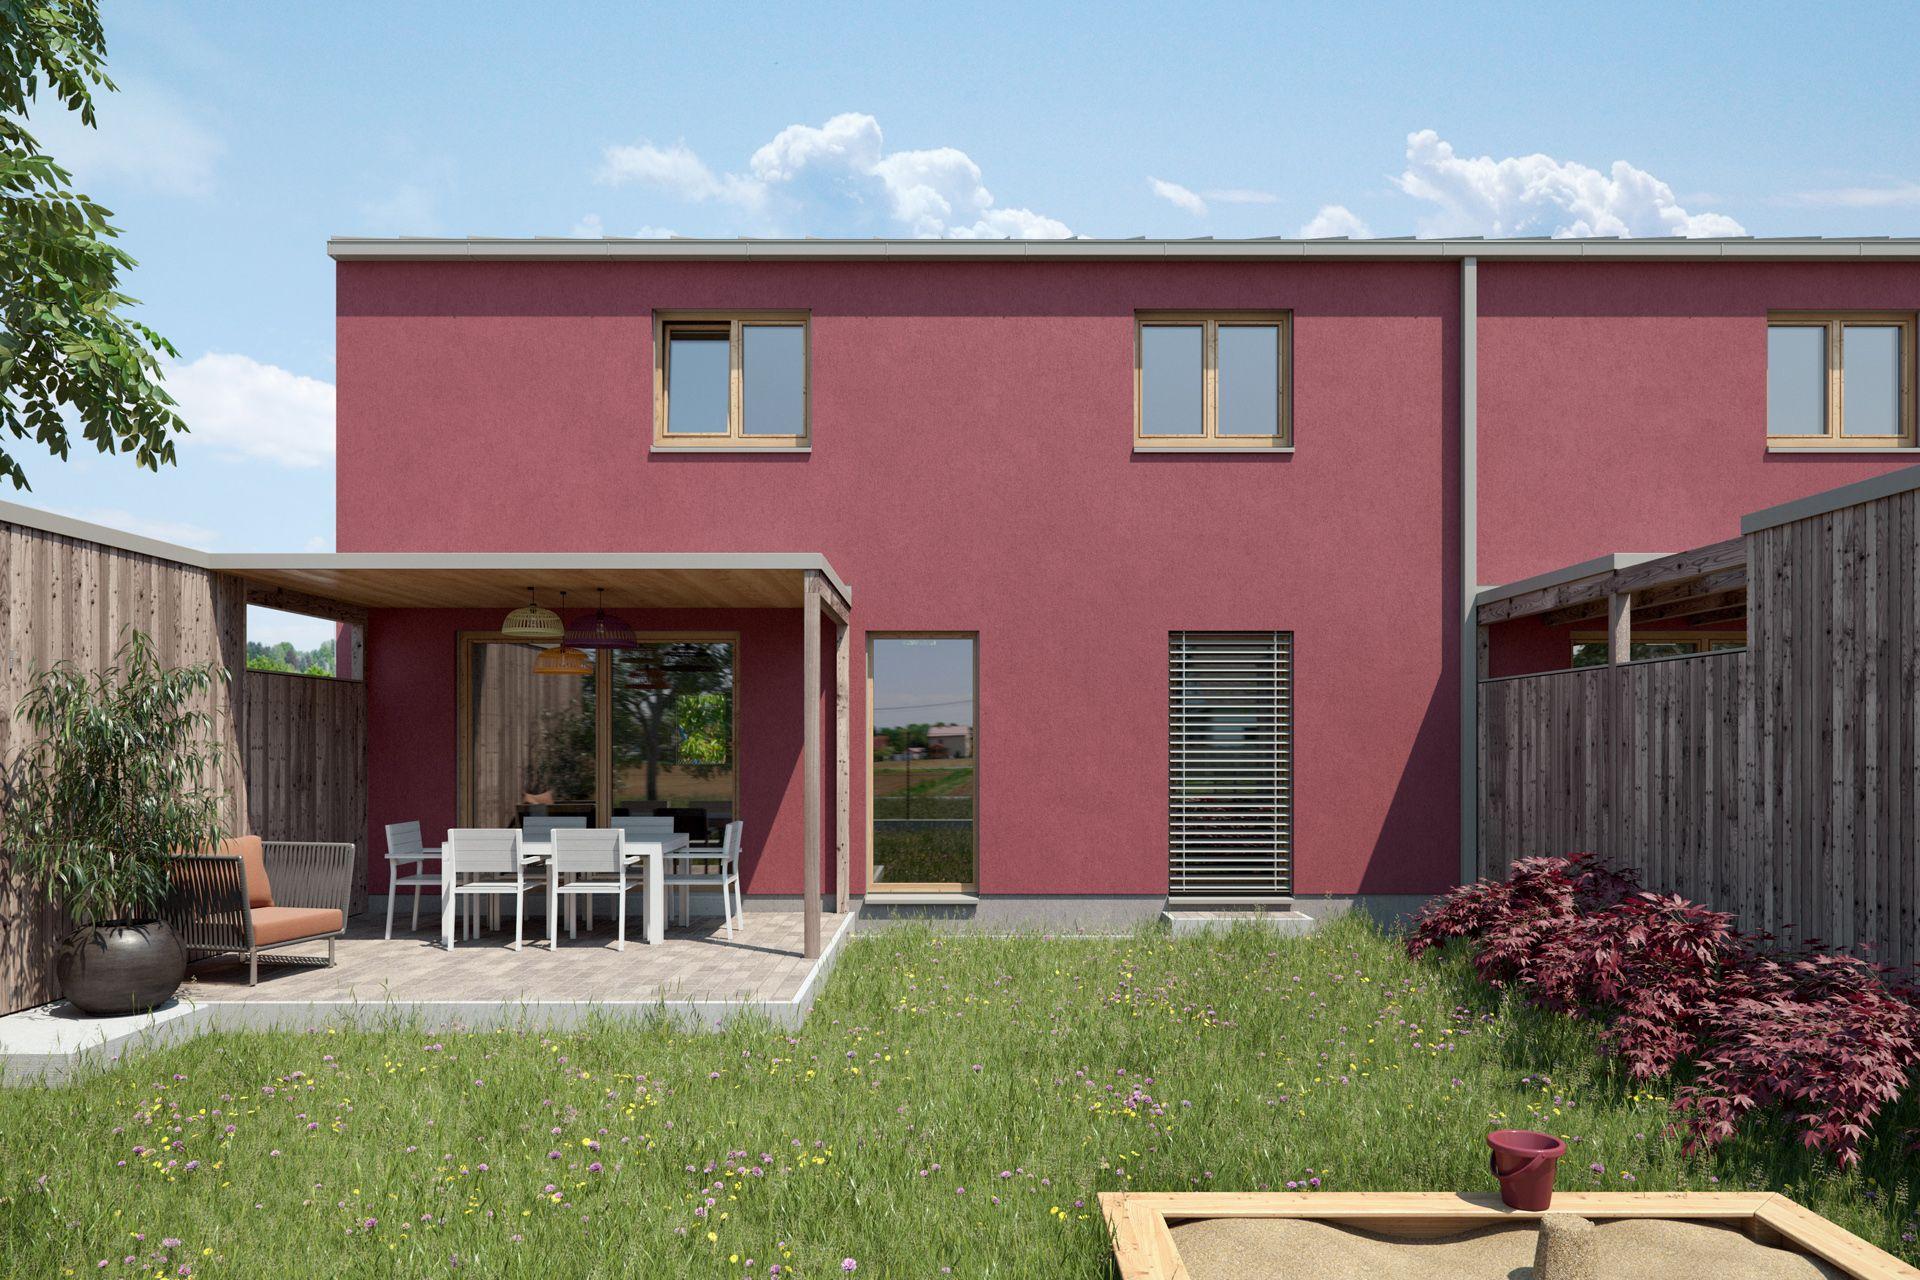 Wir erstellten für einen kleinen, aber feinen Wohnbau in Raaba die Aussenraum Schaubilder und ein Übersichtsrendering